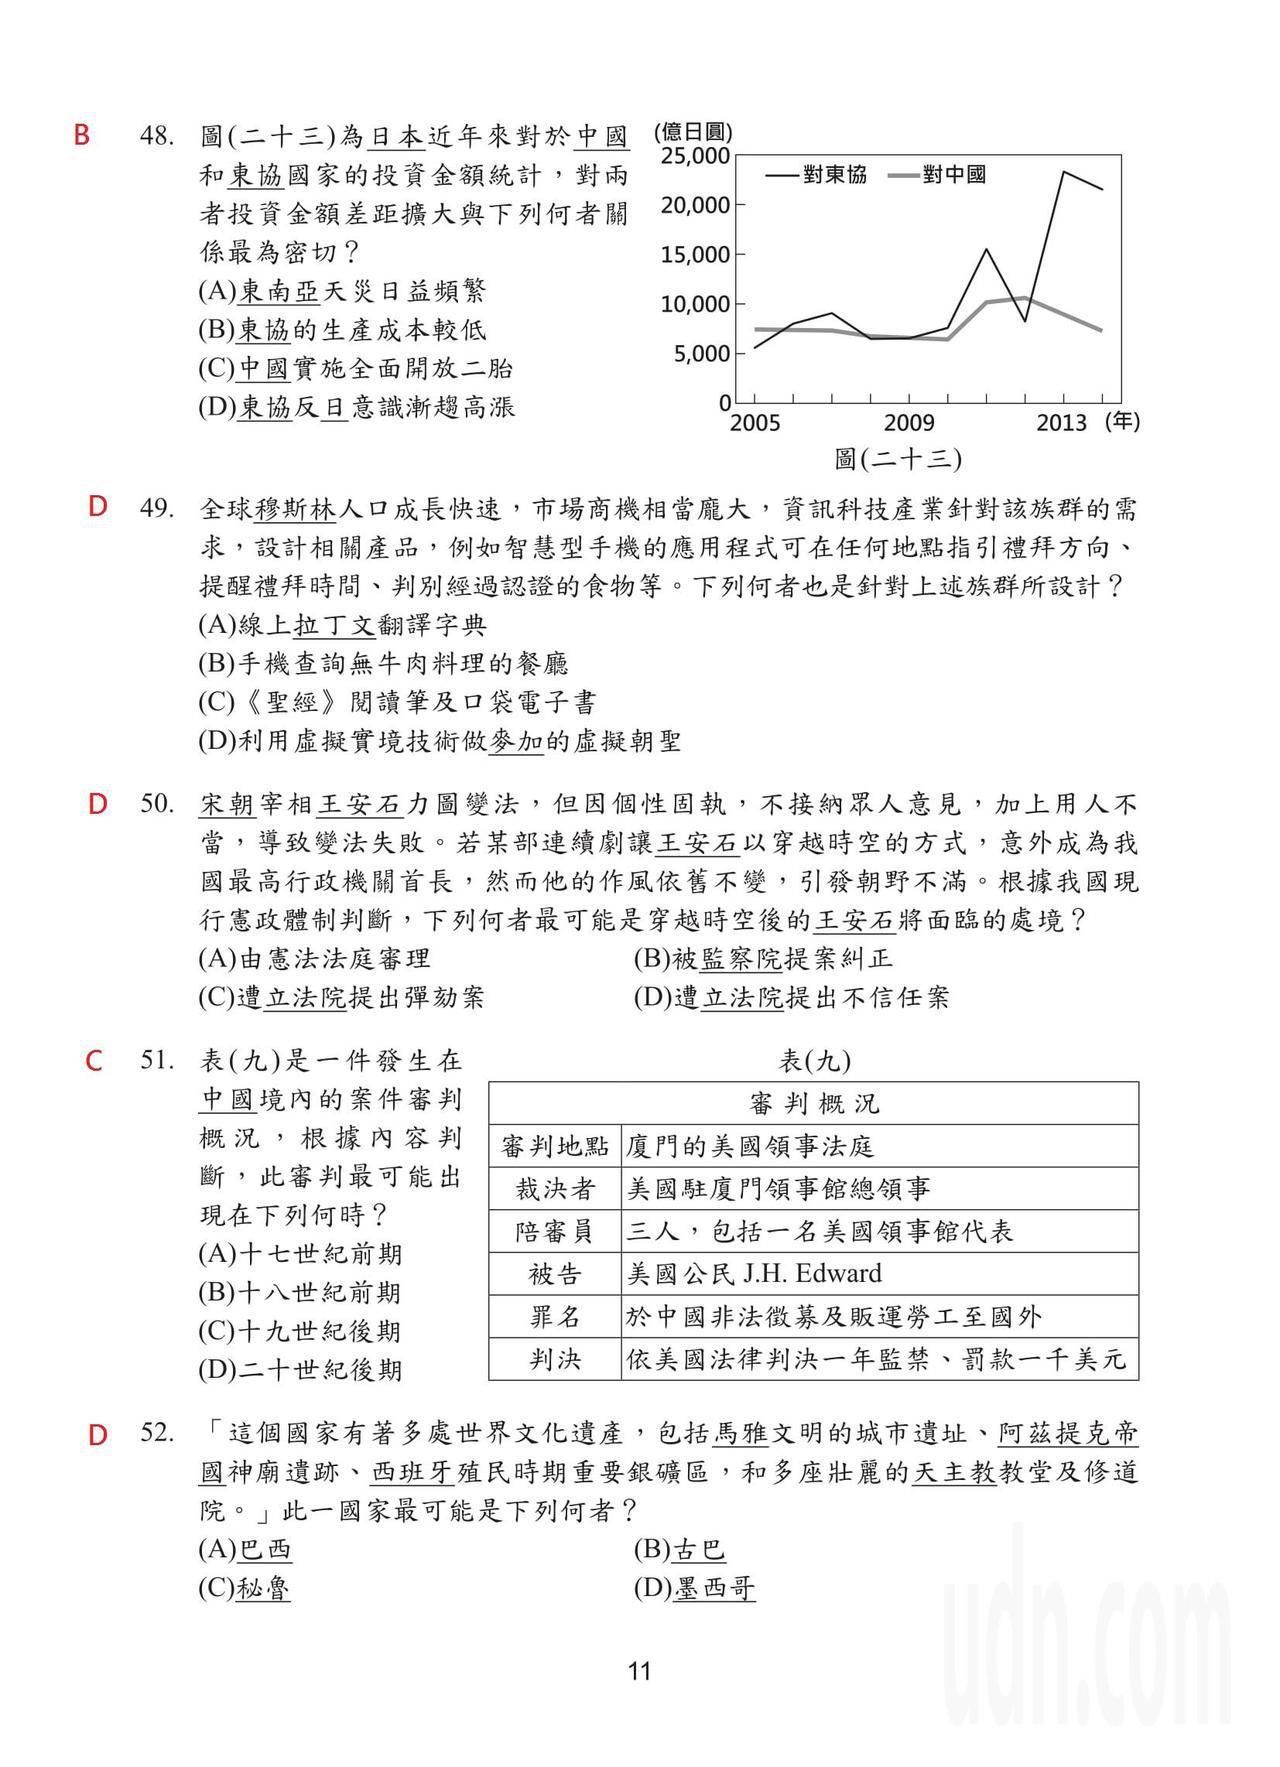 108國中會考社會科試題解答,第11頁。